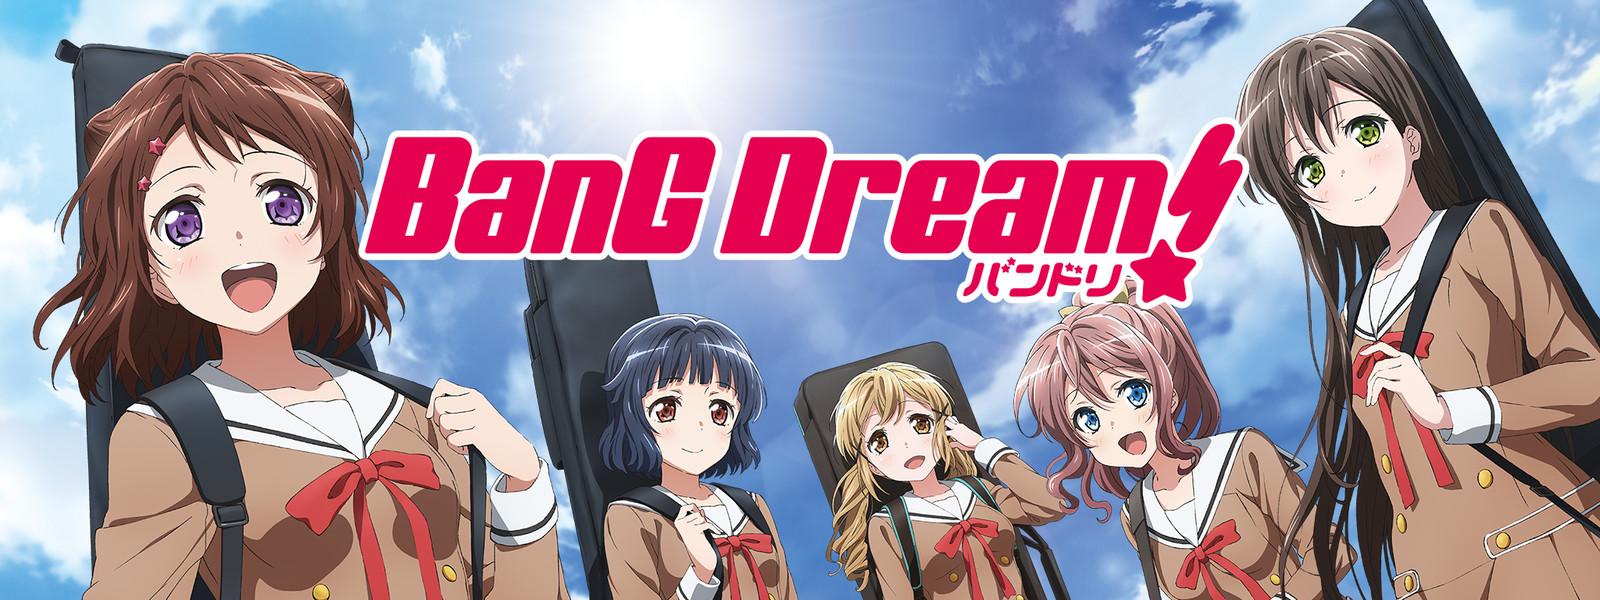 BanG Dream!はどれで配信してる?